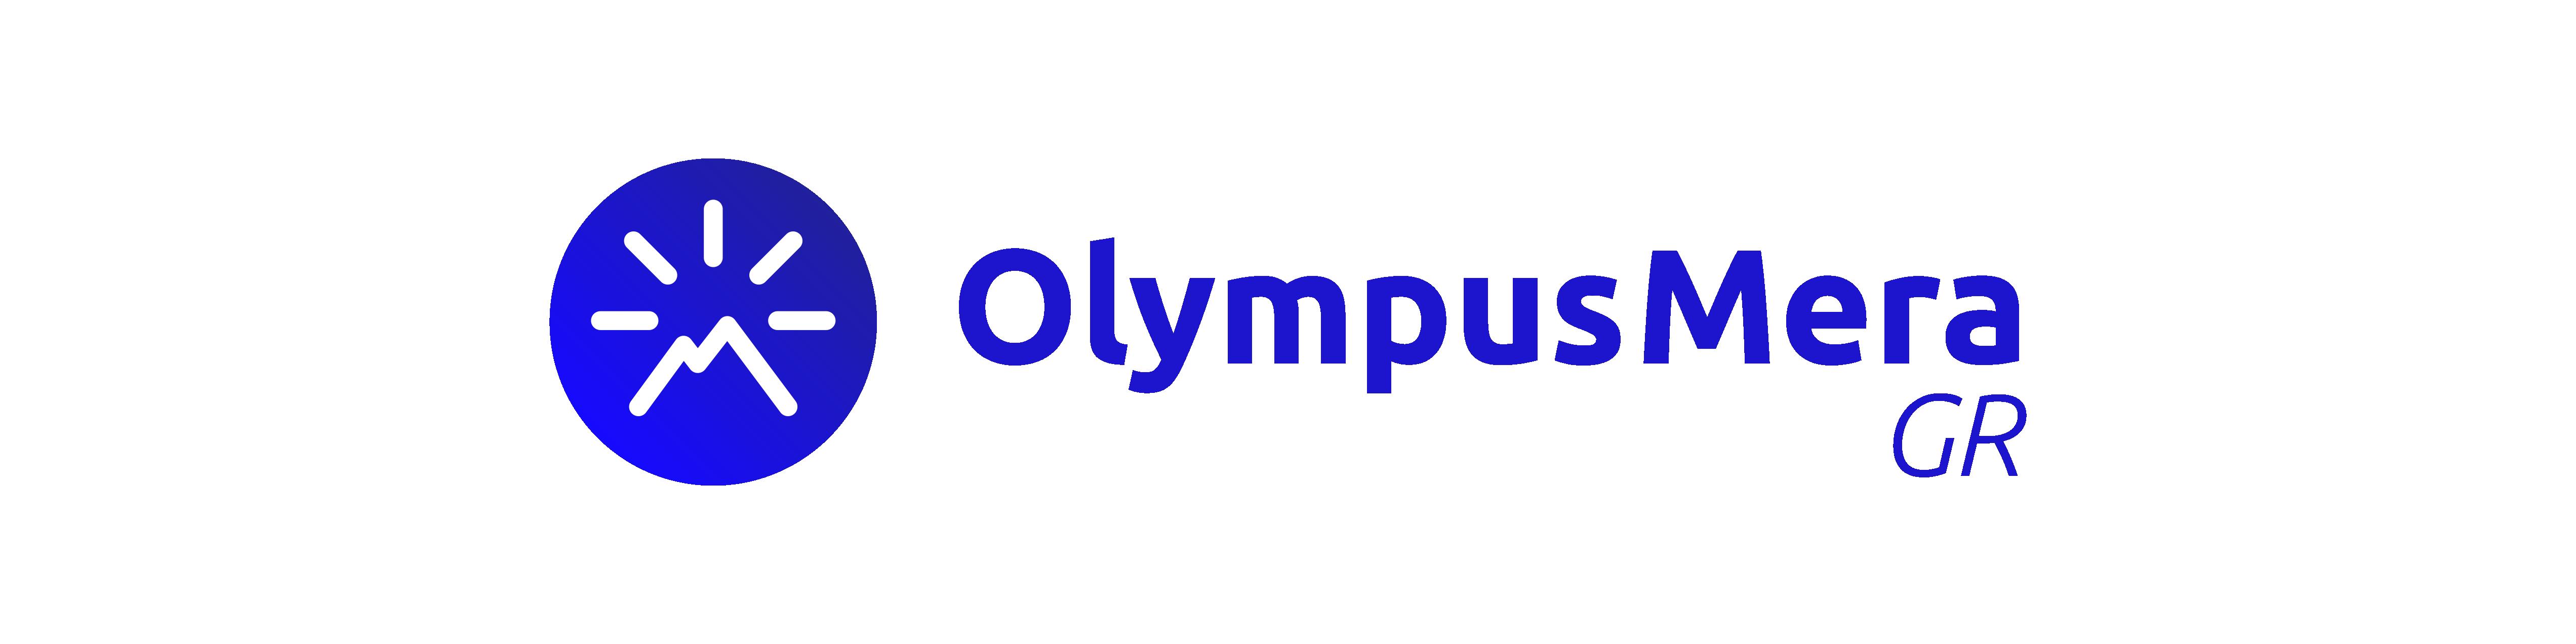 OlympusMeraGR